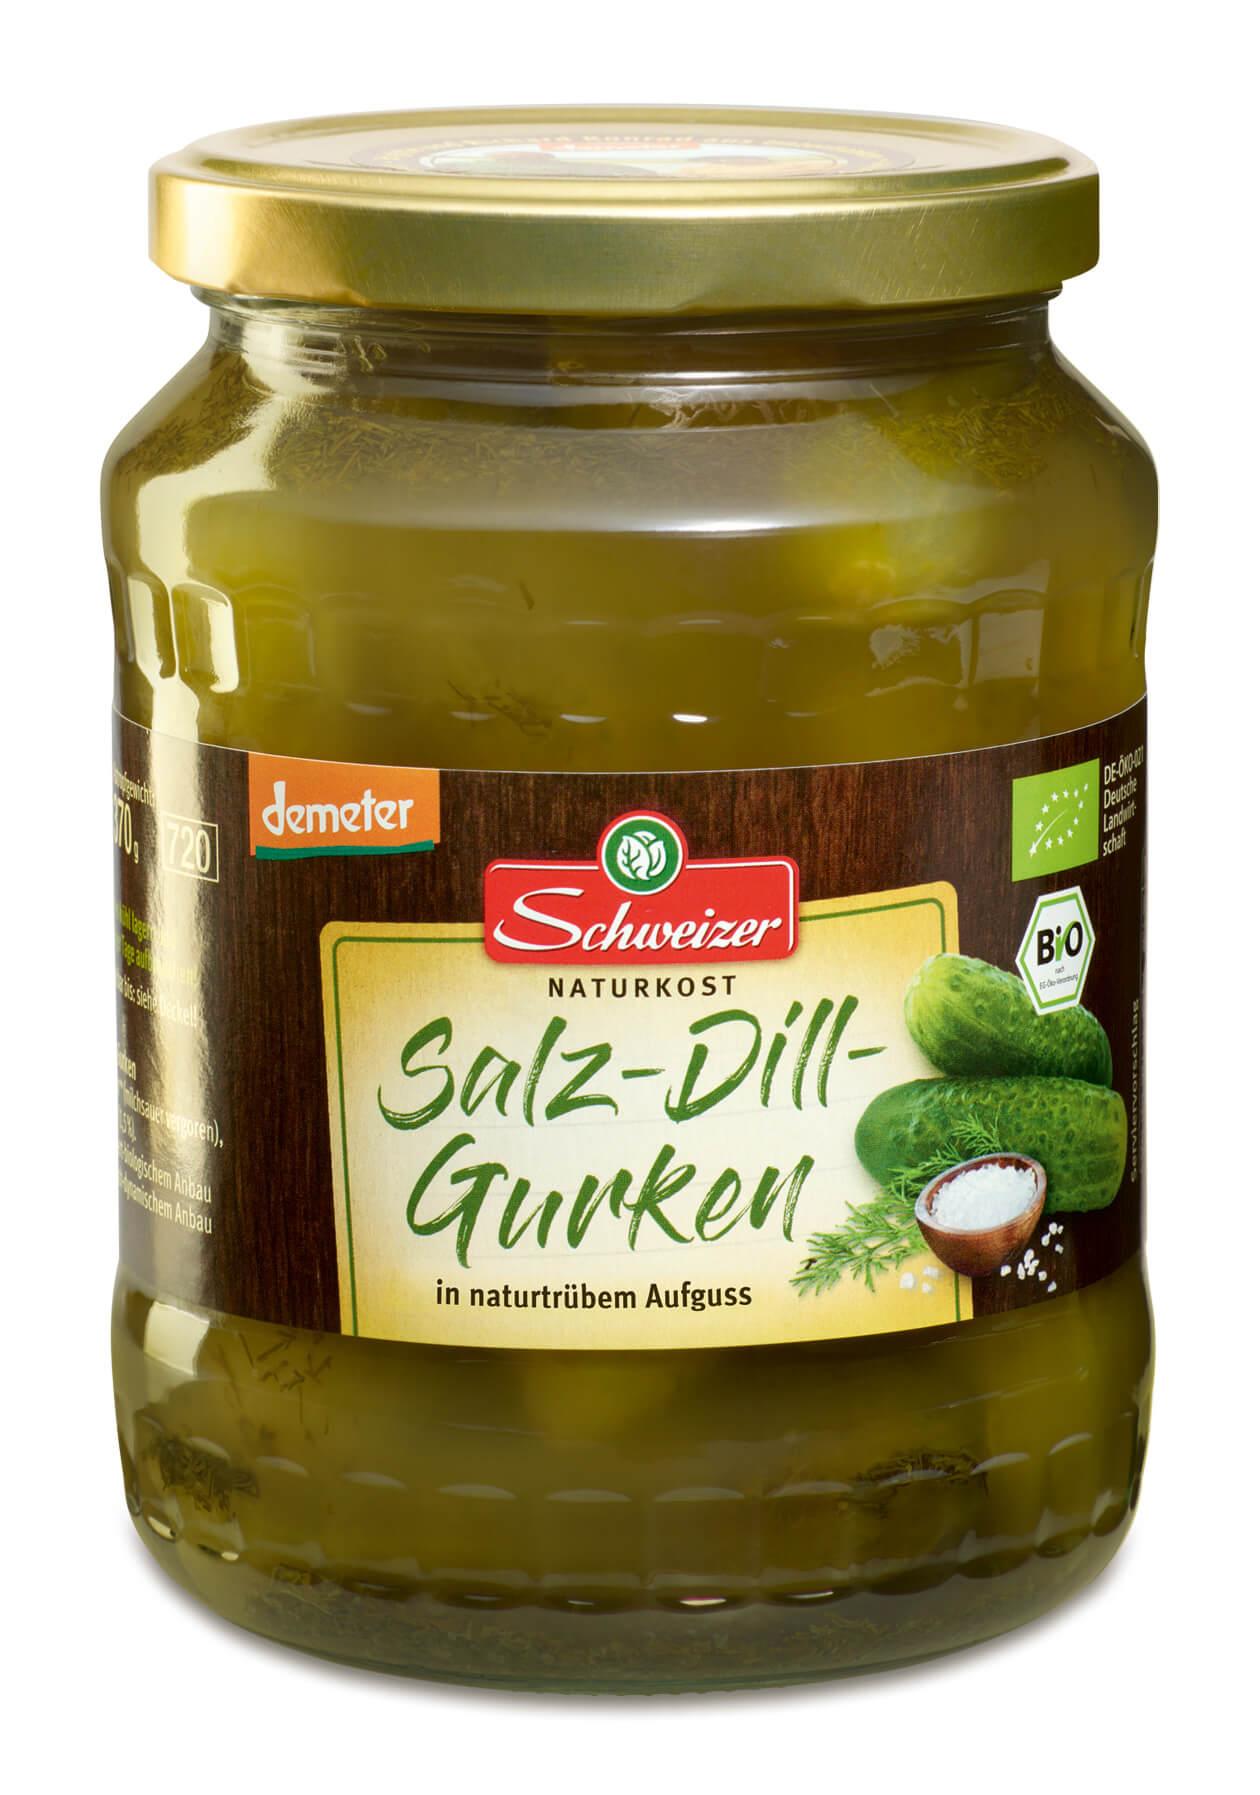 Demeter Salz-Dill-Gurken 720 ml